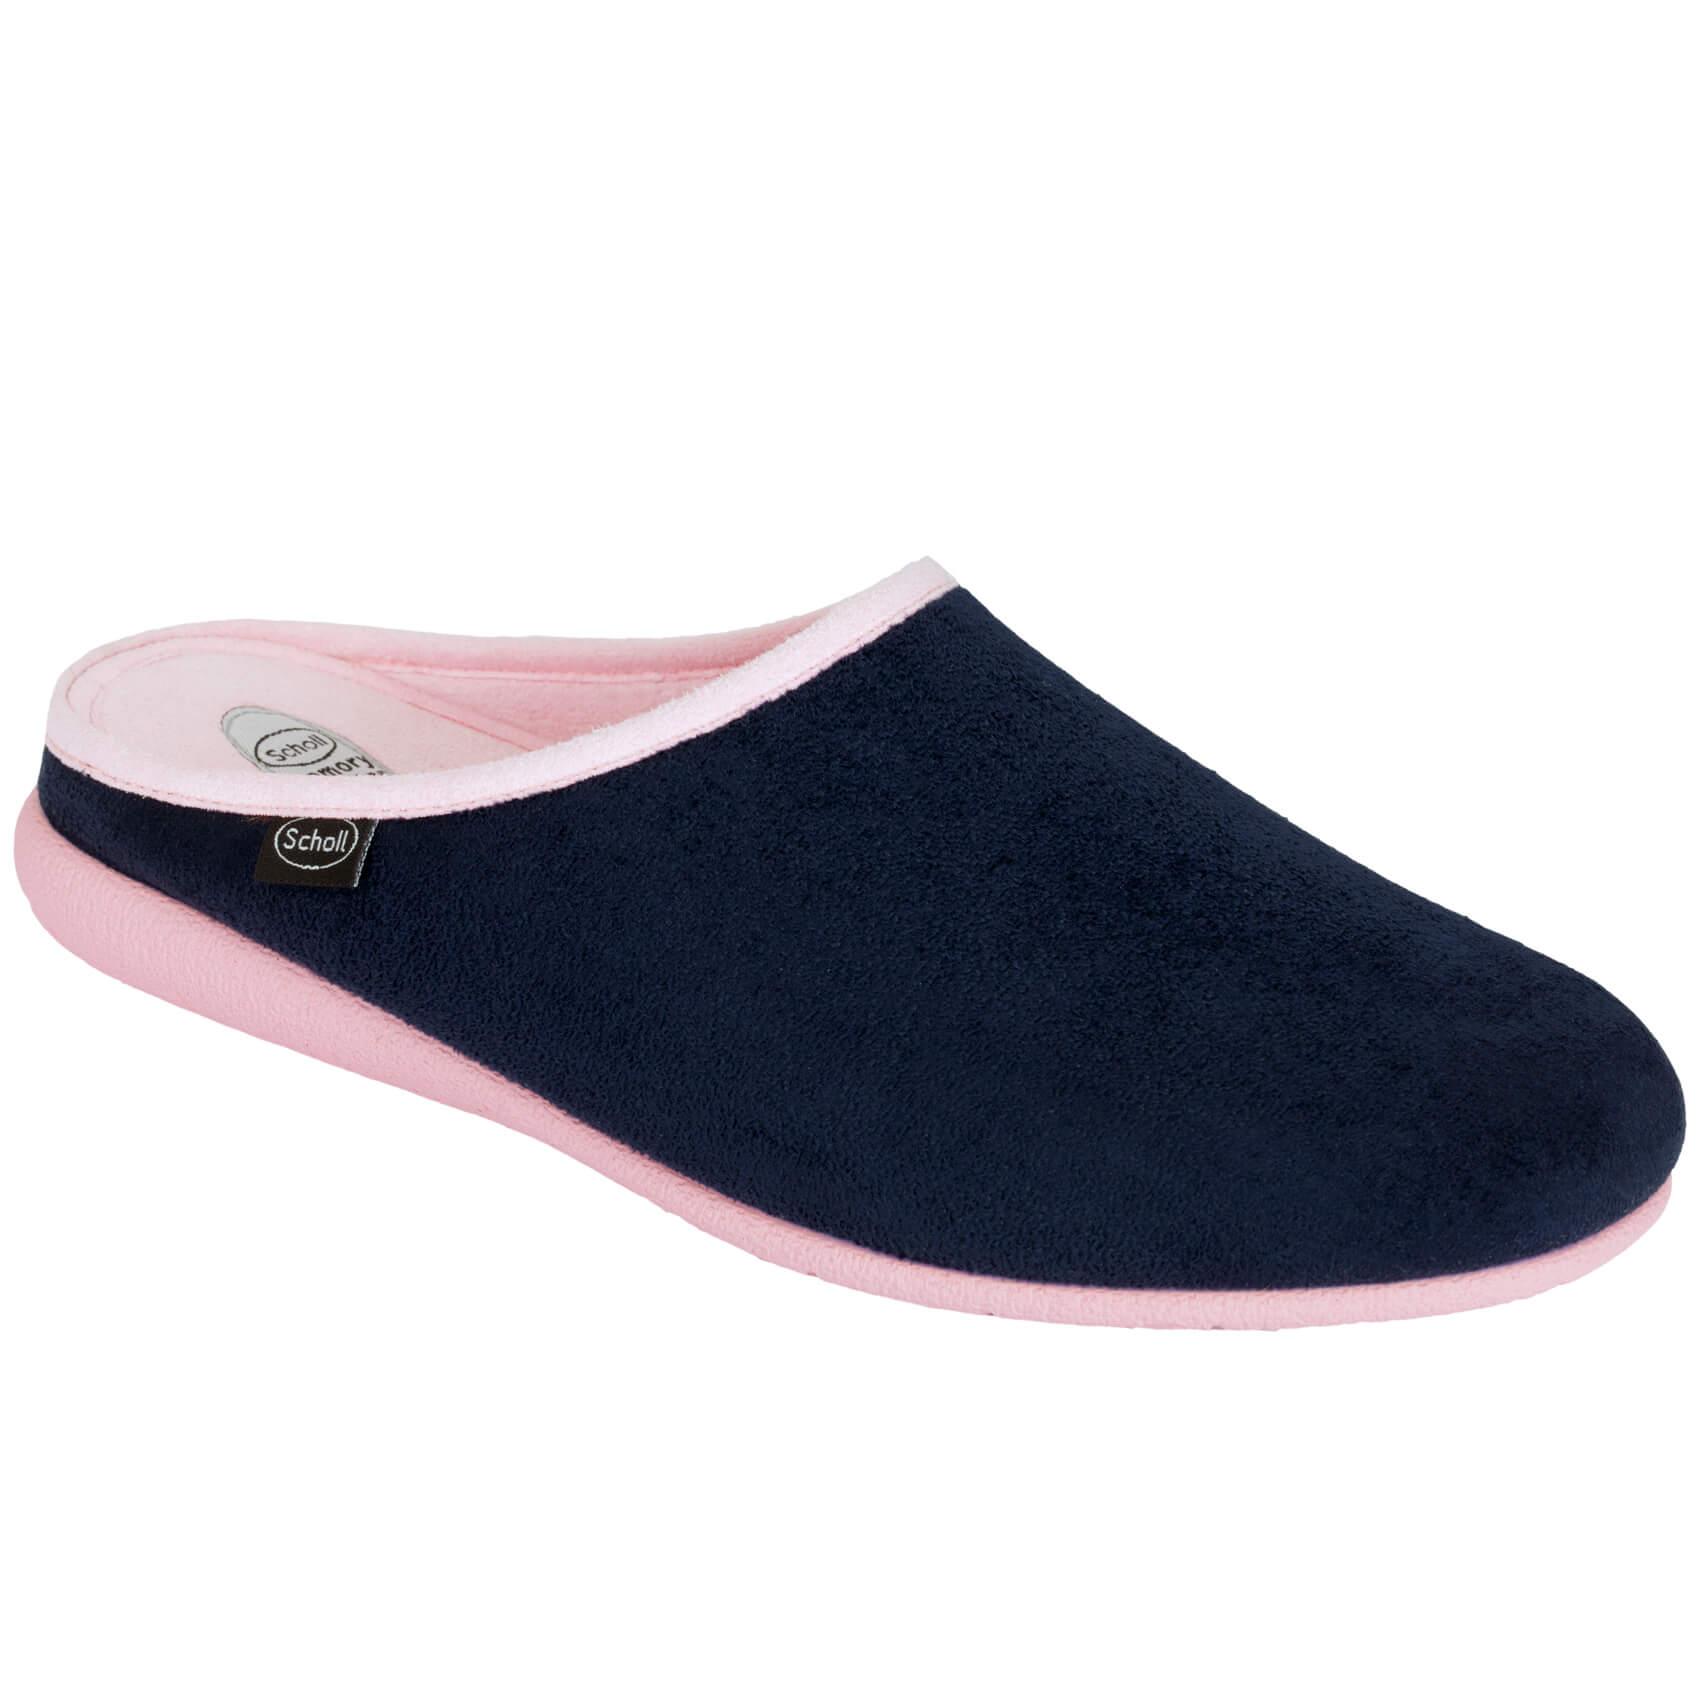 a8a310ea981 Dr Scholl Shoes Chika Μπλε / Ροζ Ανατομικές Παντόφλες Εξαιρετικά Άνετες και  Εύκαμπτες 1 Ζευγάρι –